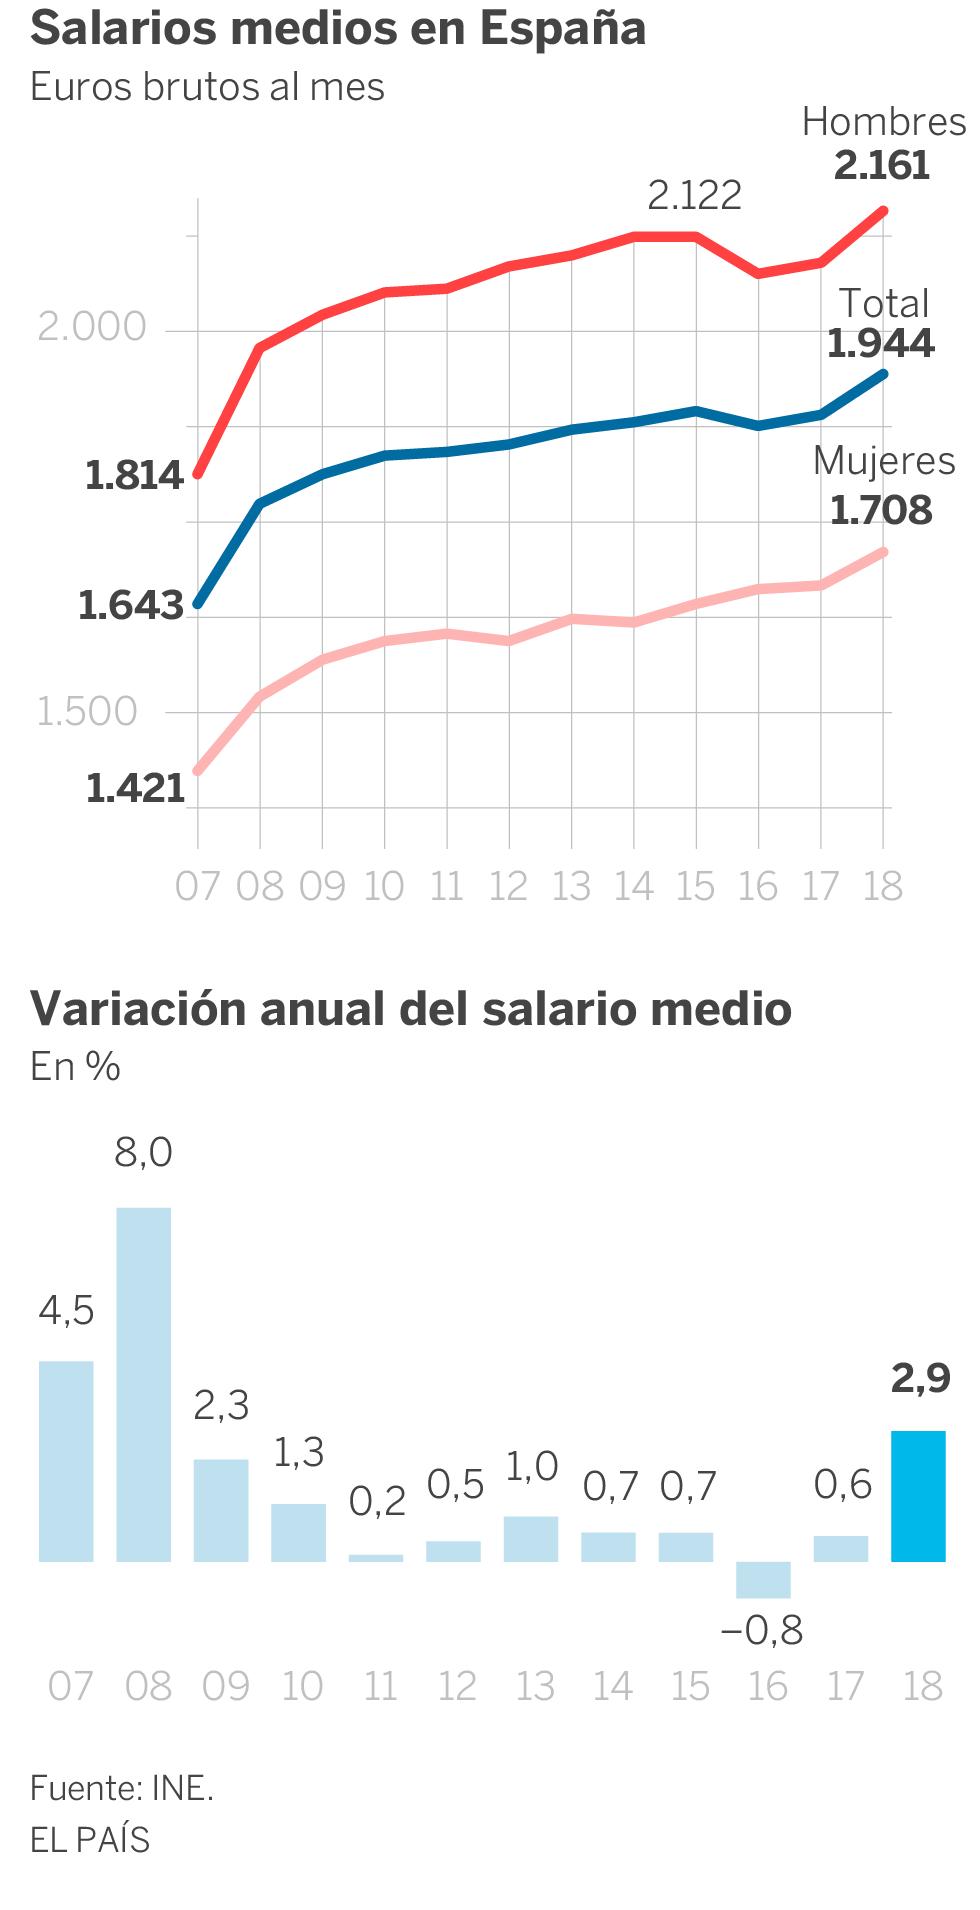 El salario medio registra la mayor subida en una década y alcanza los 1.944 euros brutos al mes